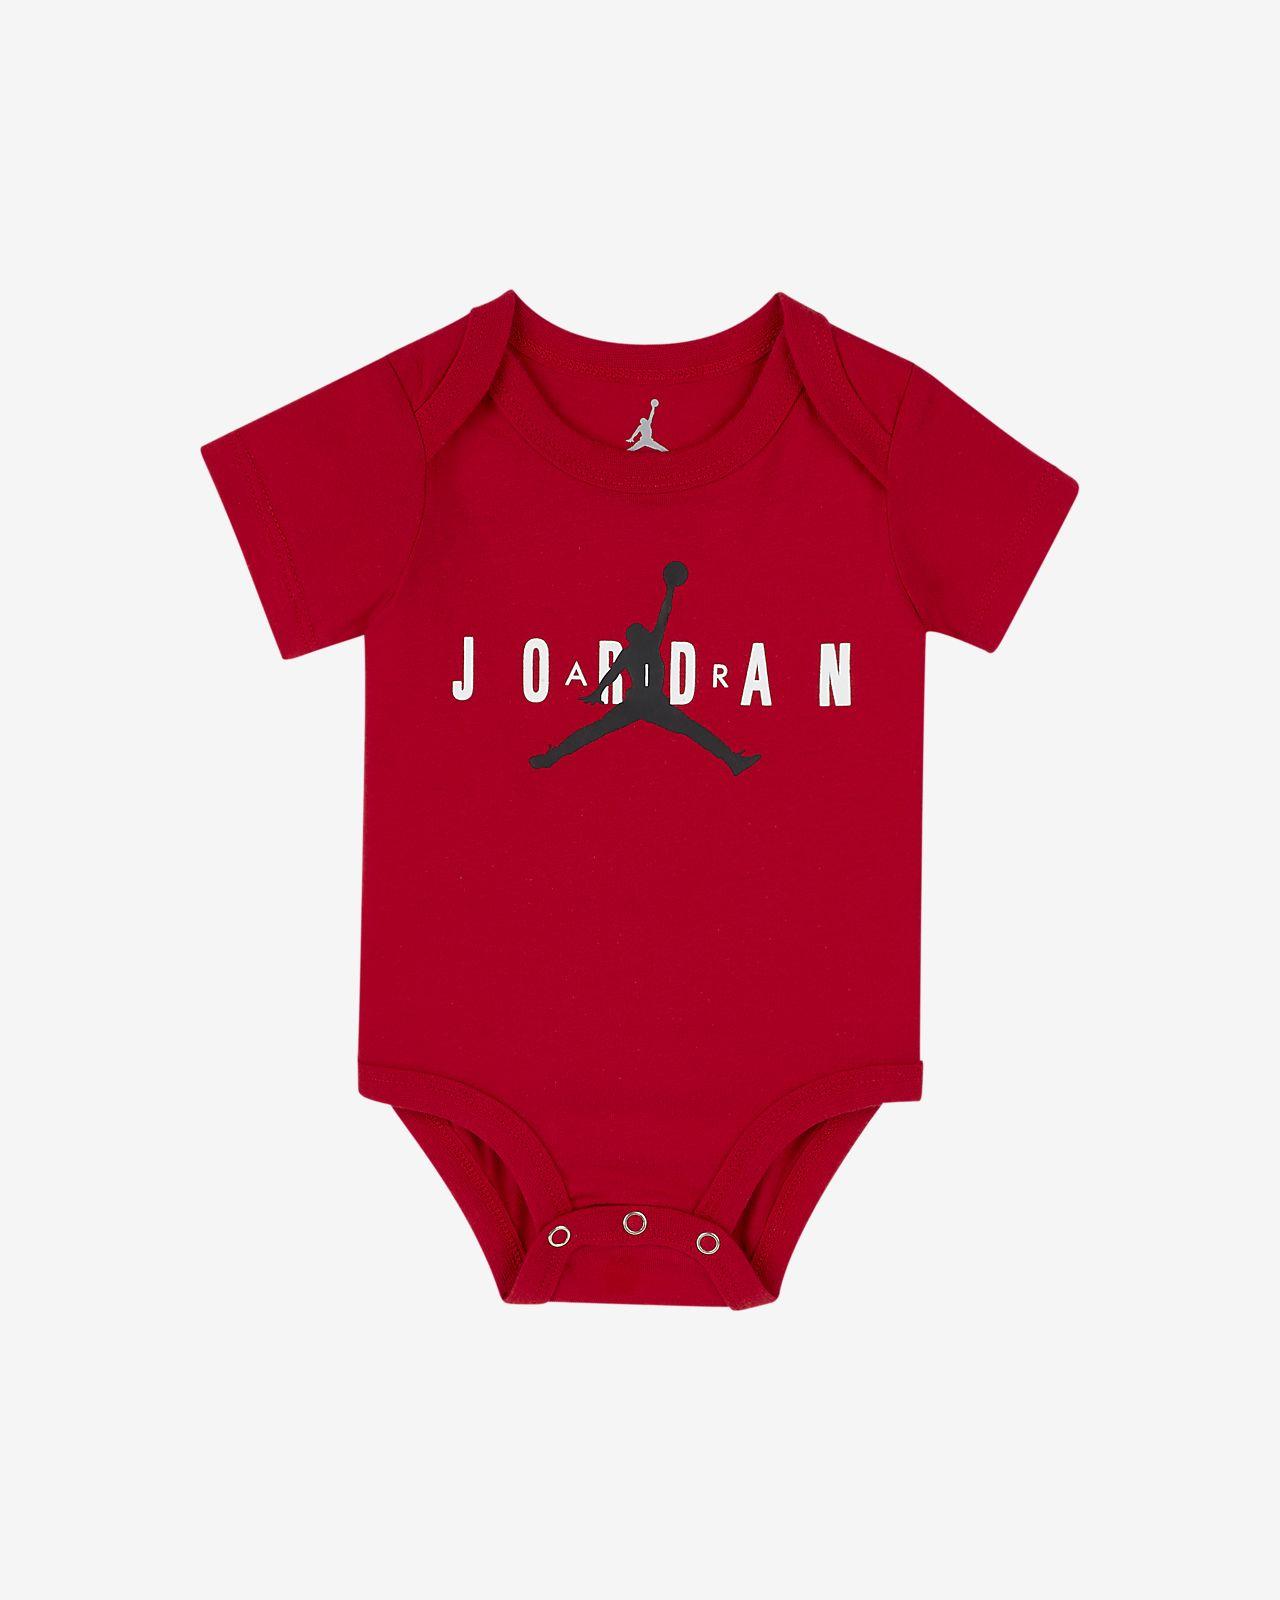 Jordan Jumpman Rompertje met graphic voor baby's